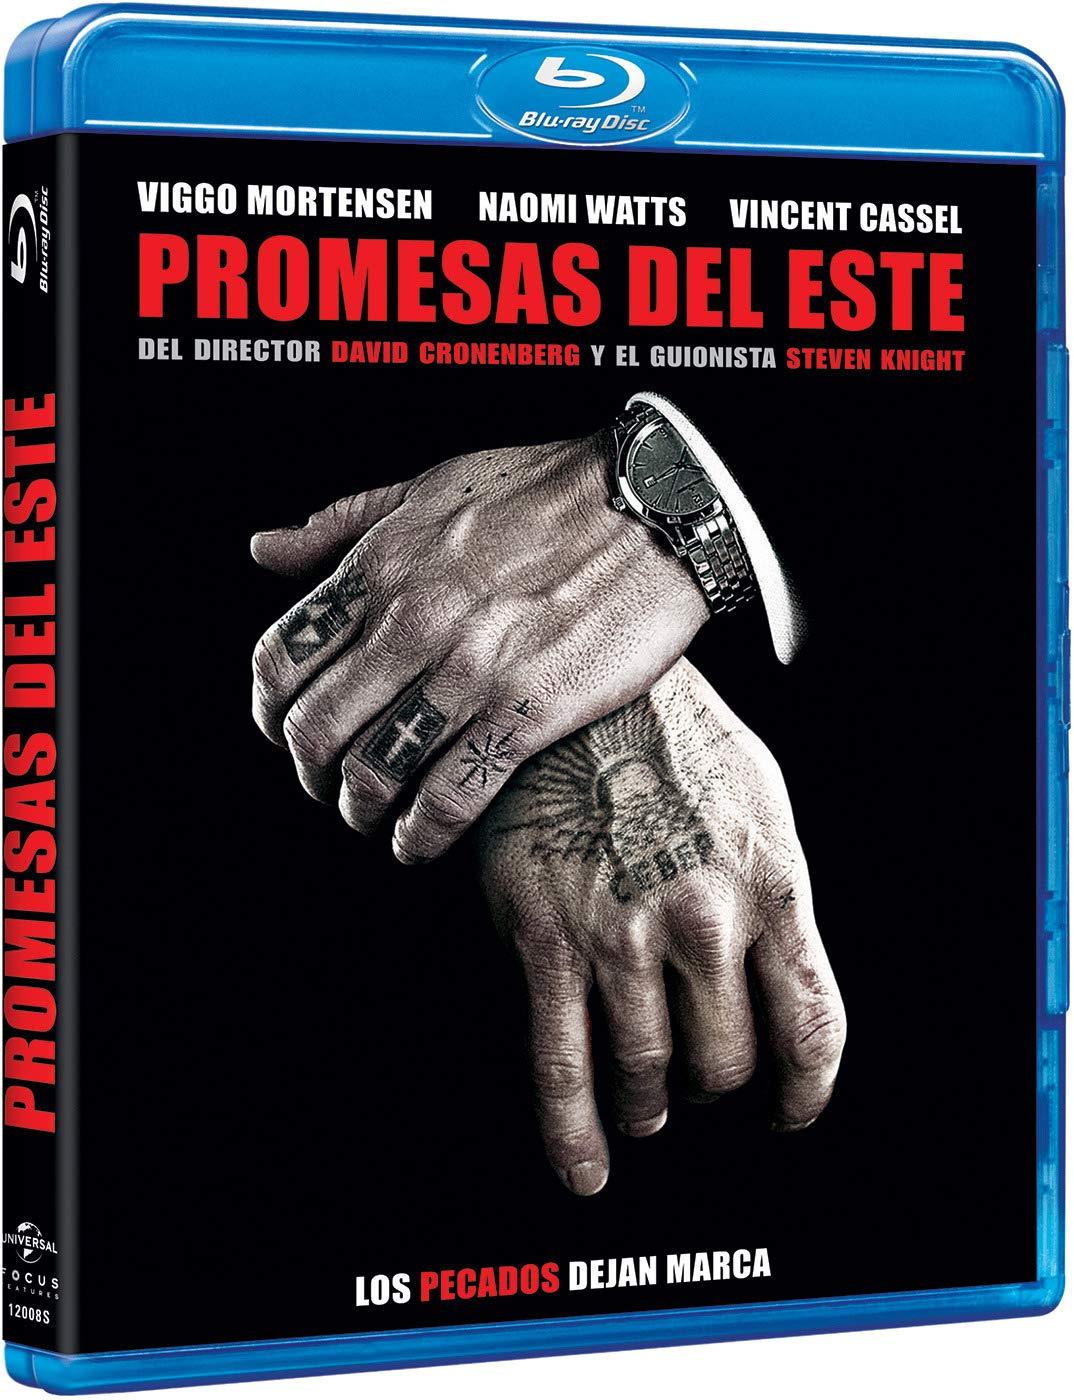 Promesas del Este Blu-ray